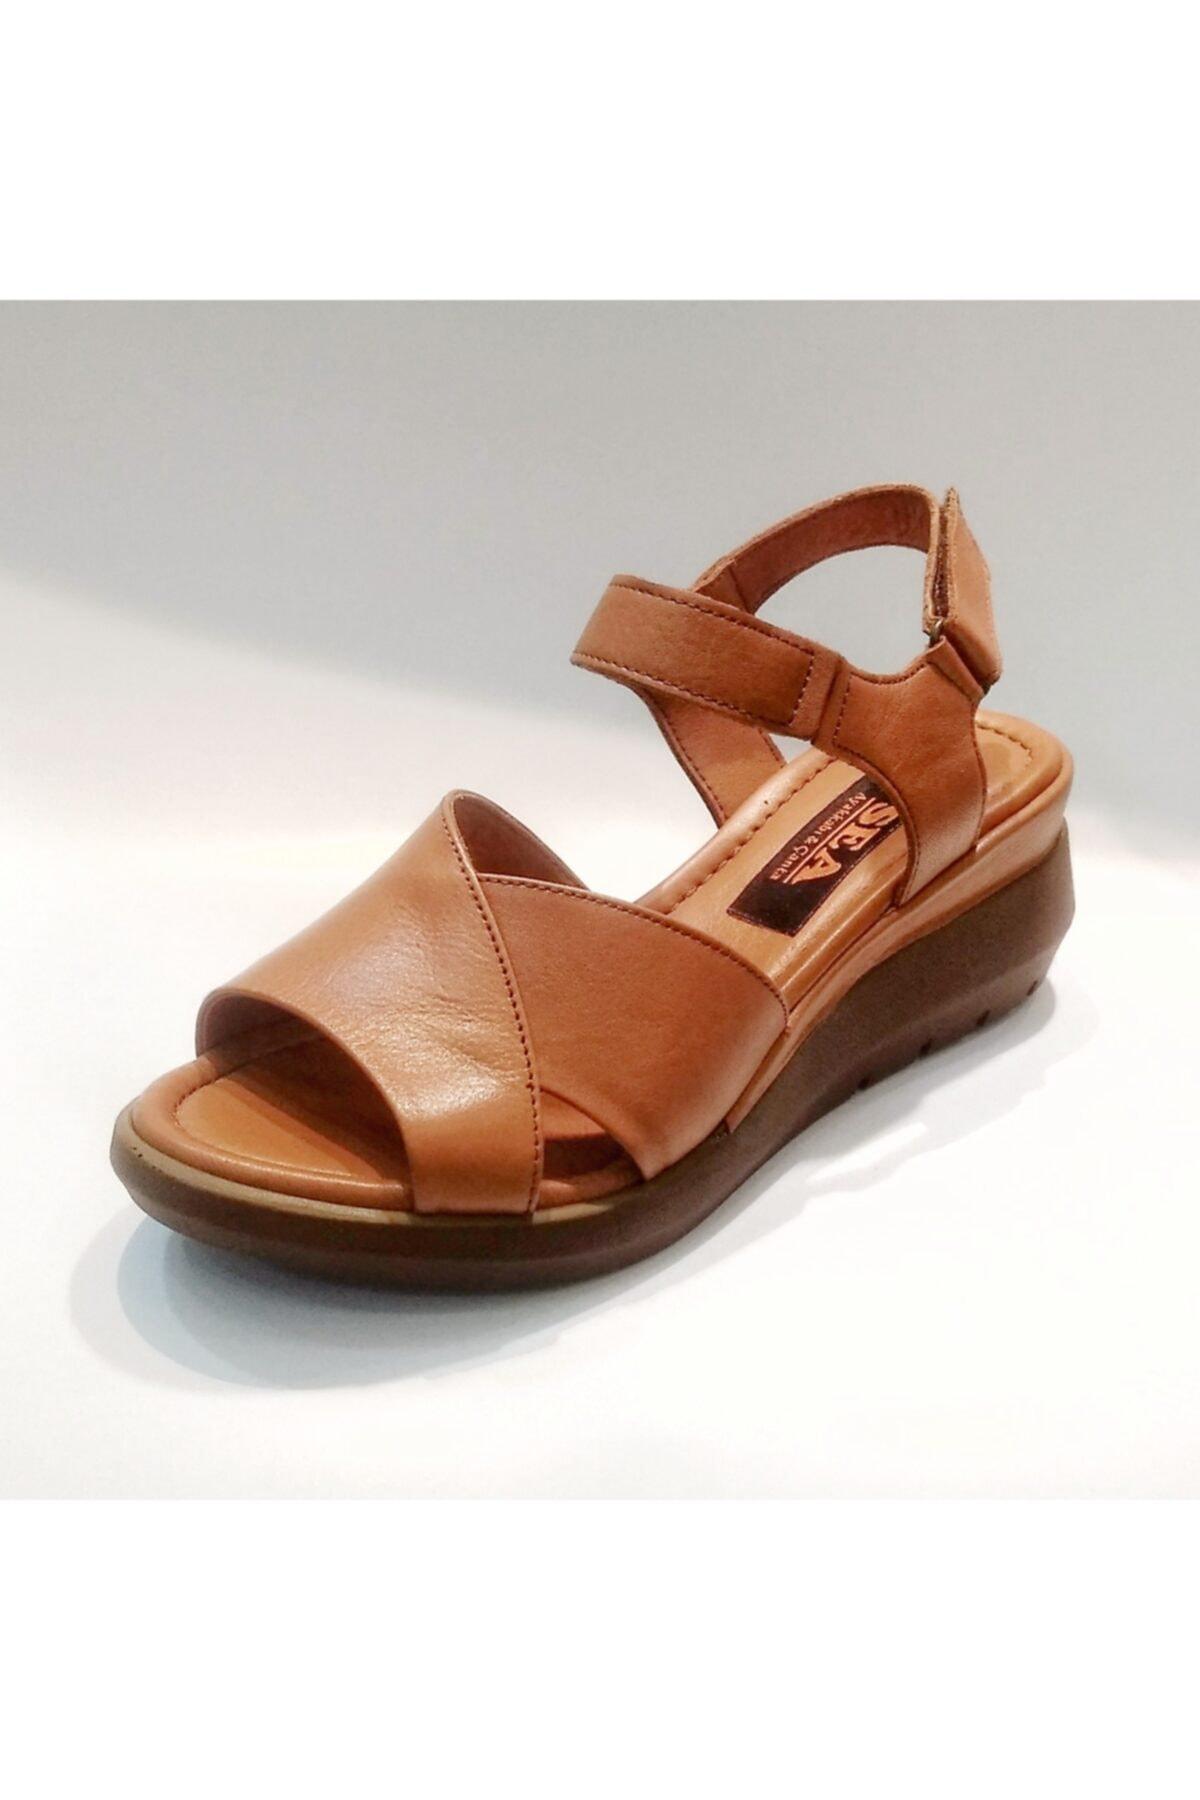 Stella Kadın  Hakiki Deri Sandalet 1